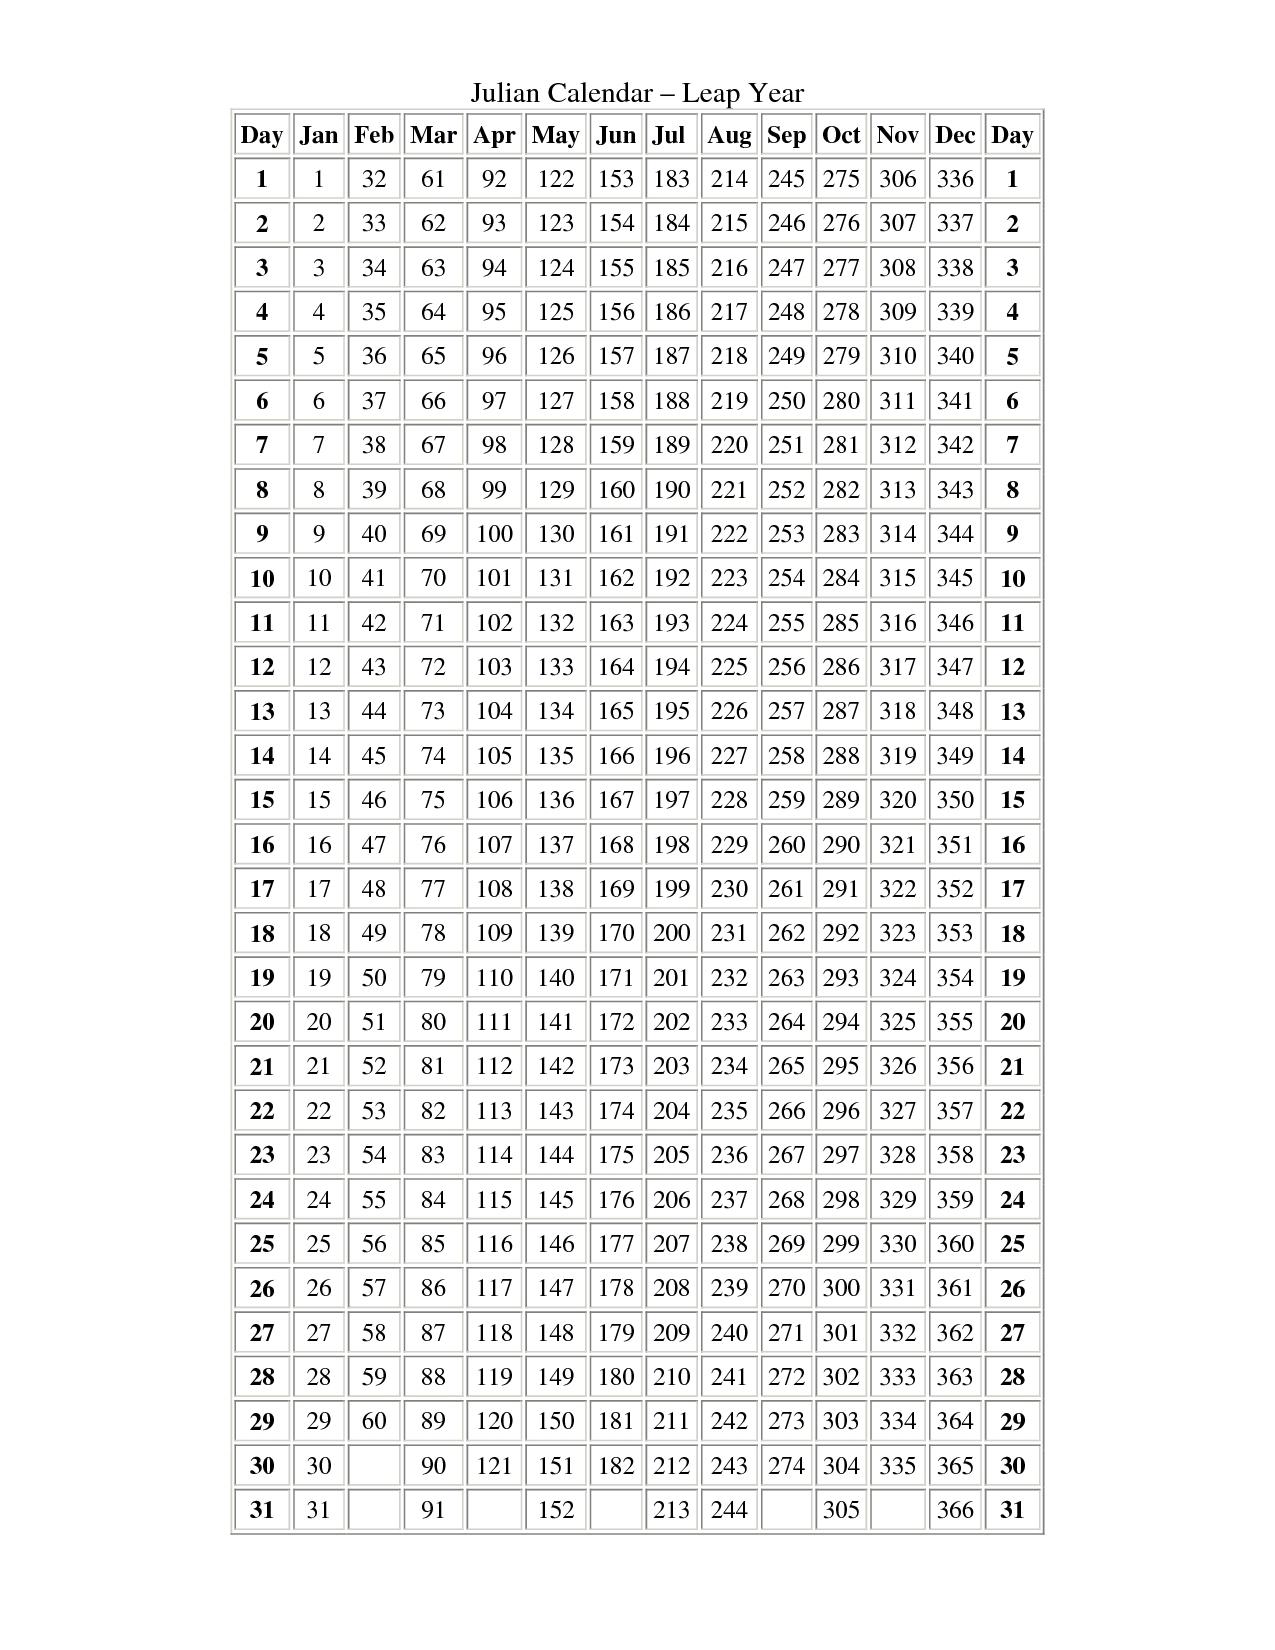 Julian Date Calendar Leap Year   Calendar For Planning with Juoian Date Calender Leap Yeat Photo